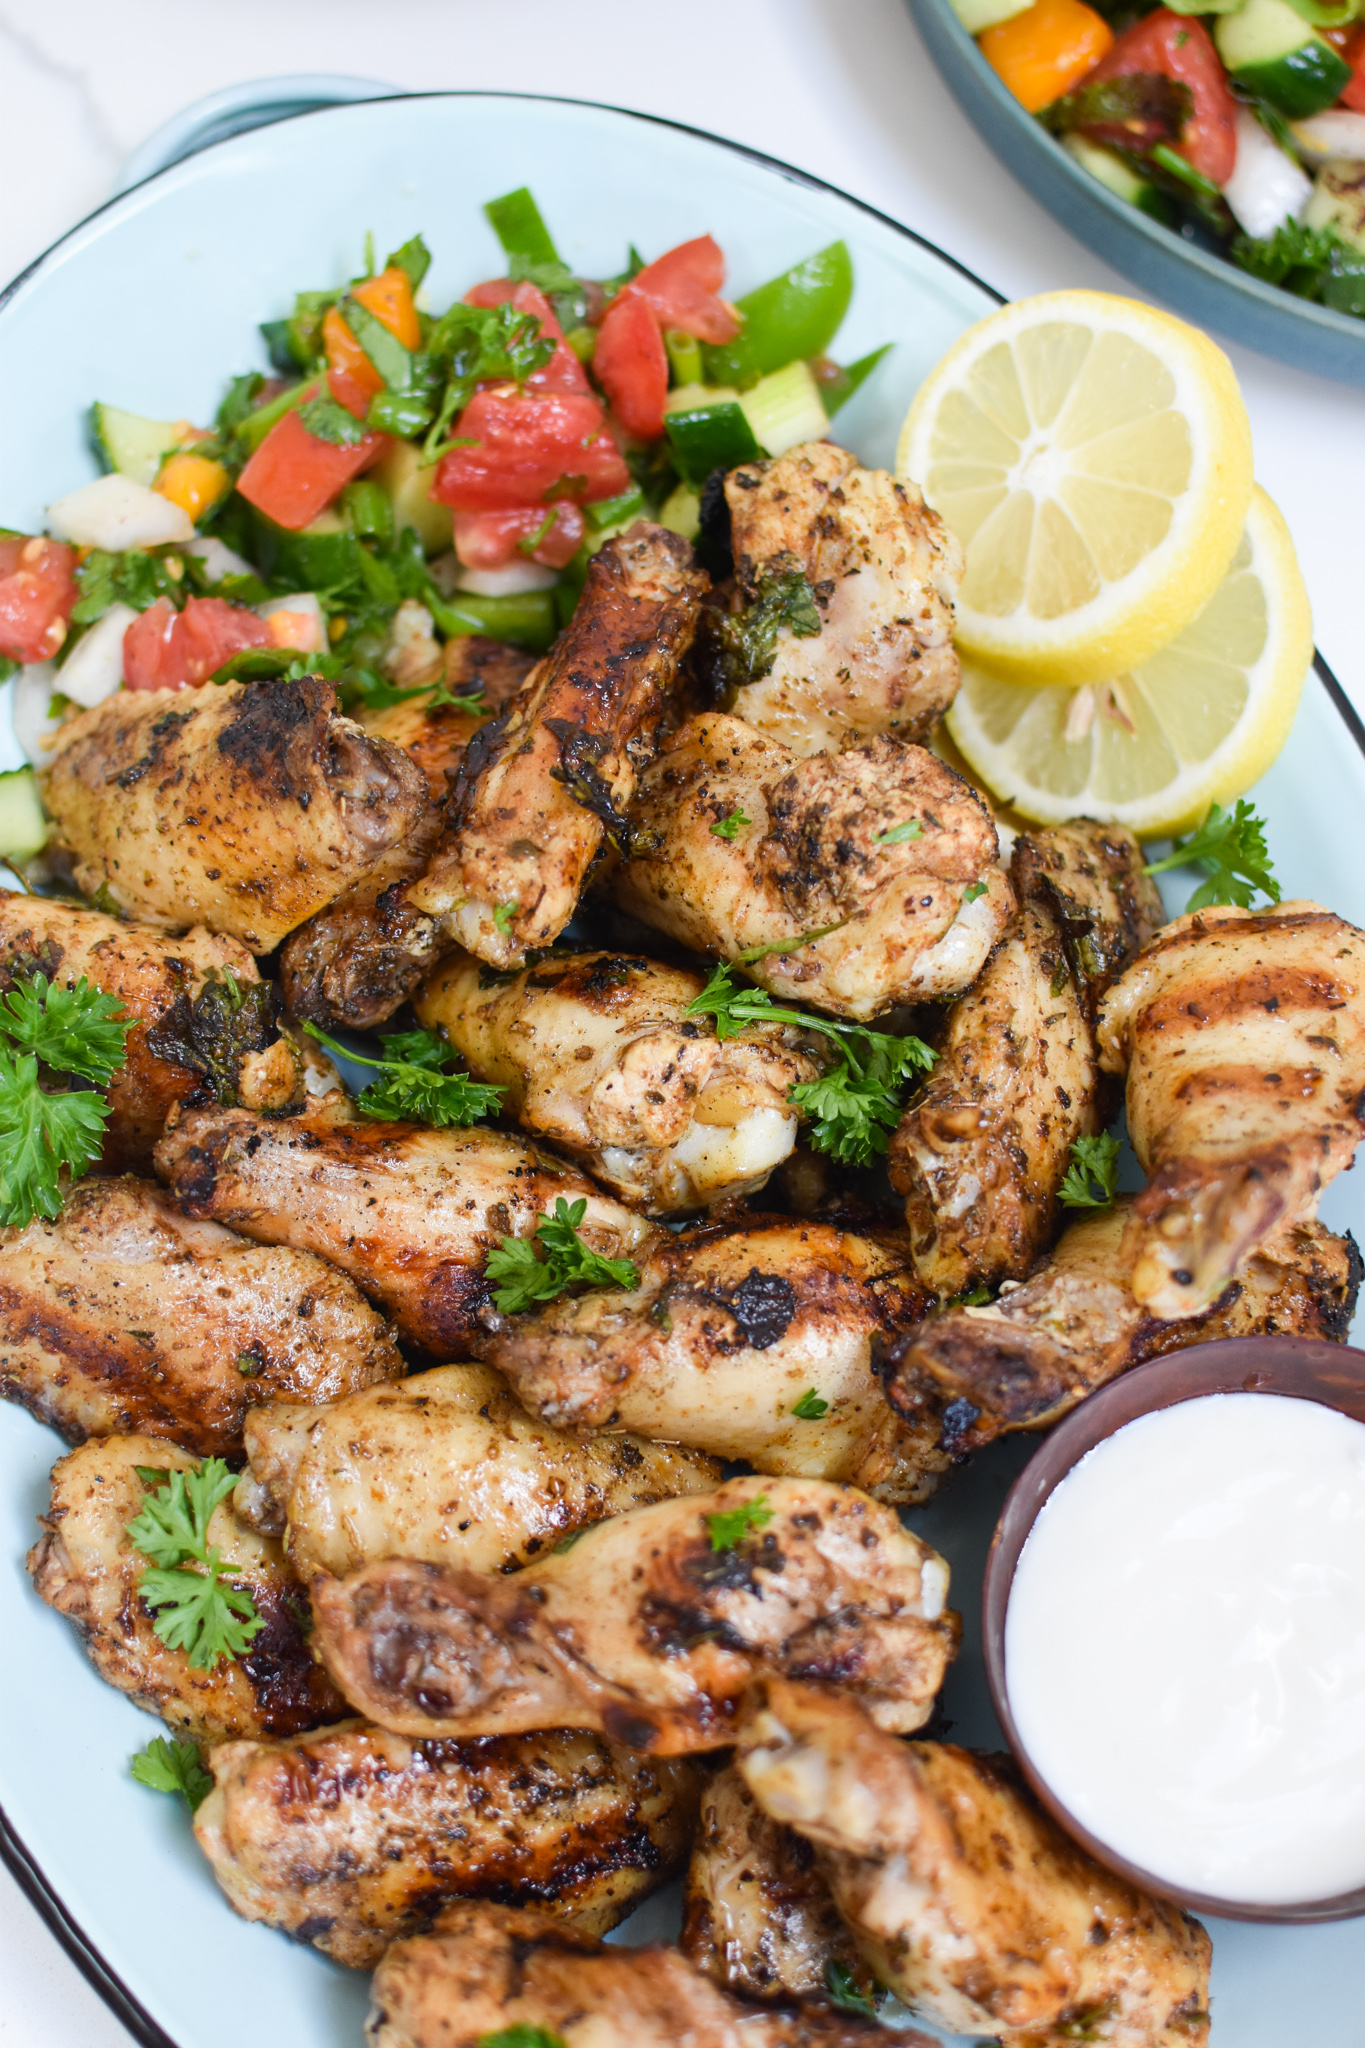 Grilled Mediterranean Chicken Wings with yogurt sauce.